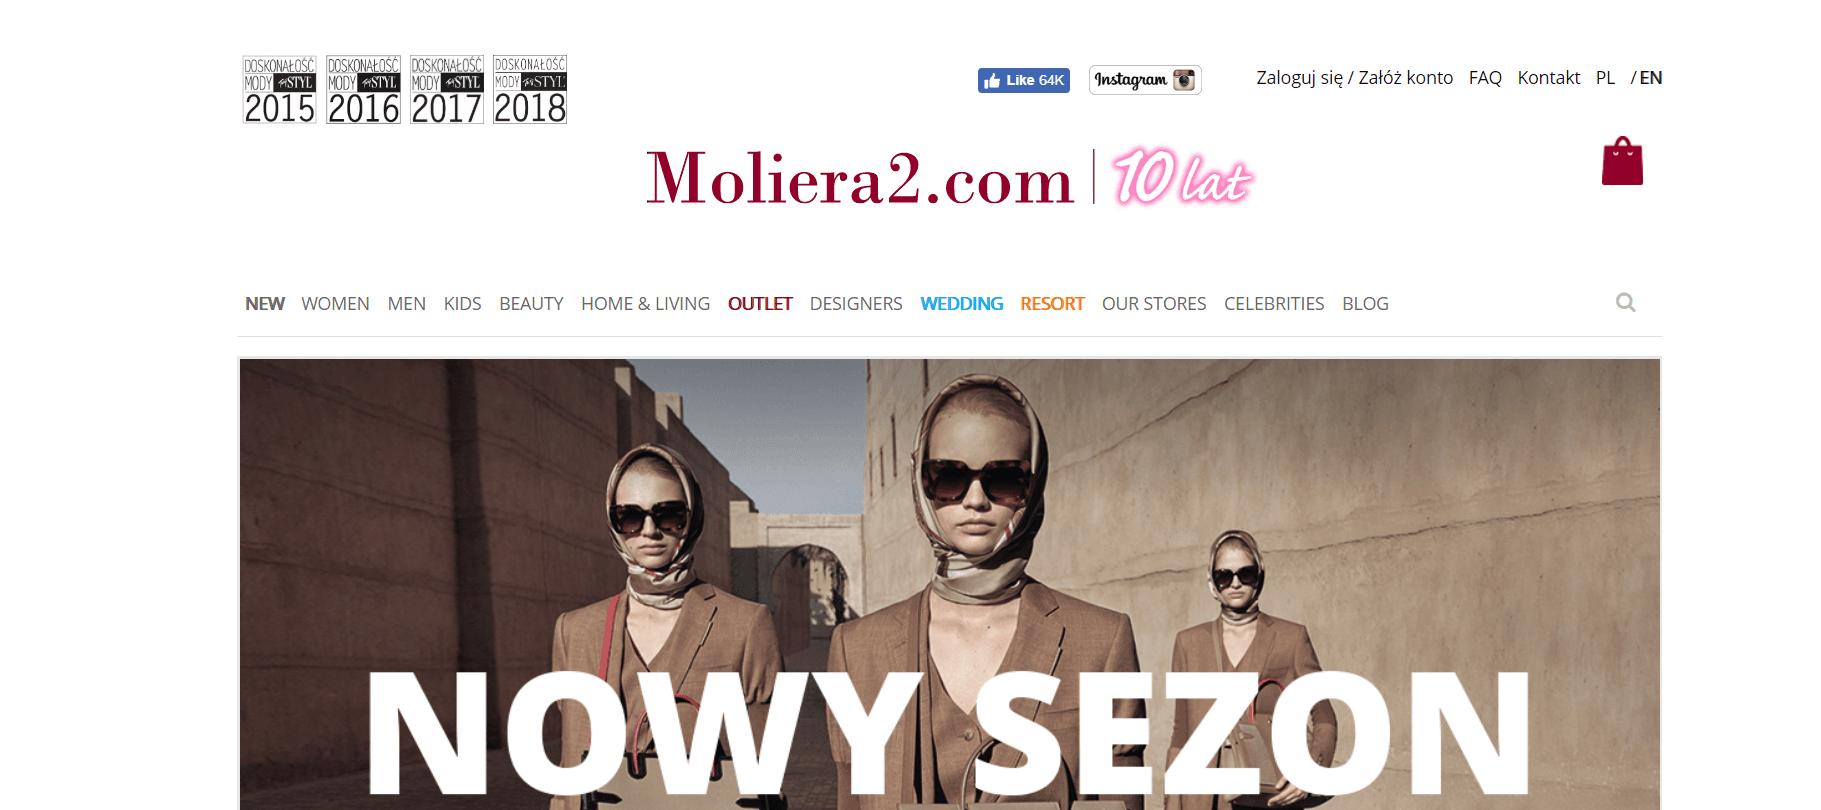 Купівля на Moliera2 з доставкою в Україну - myMeest - 2